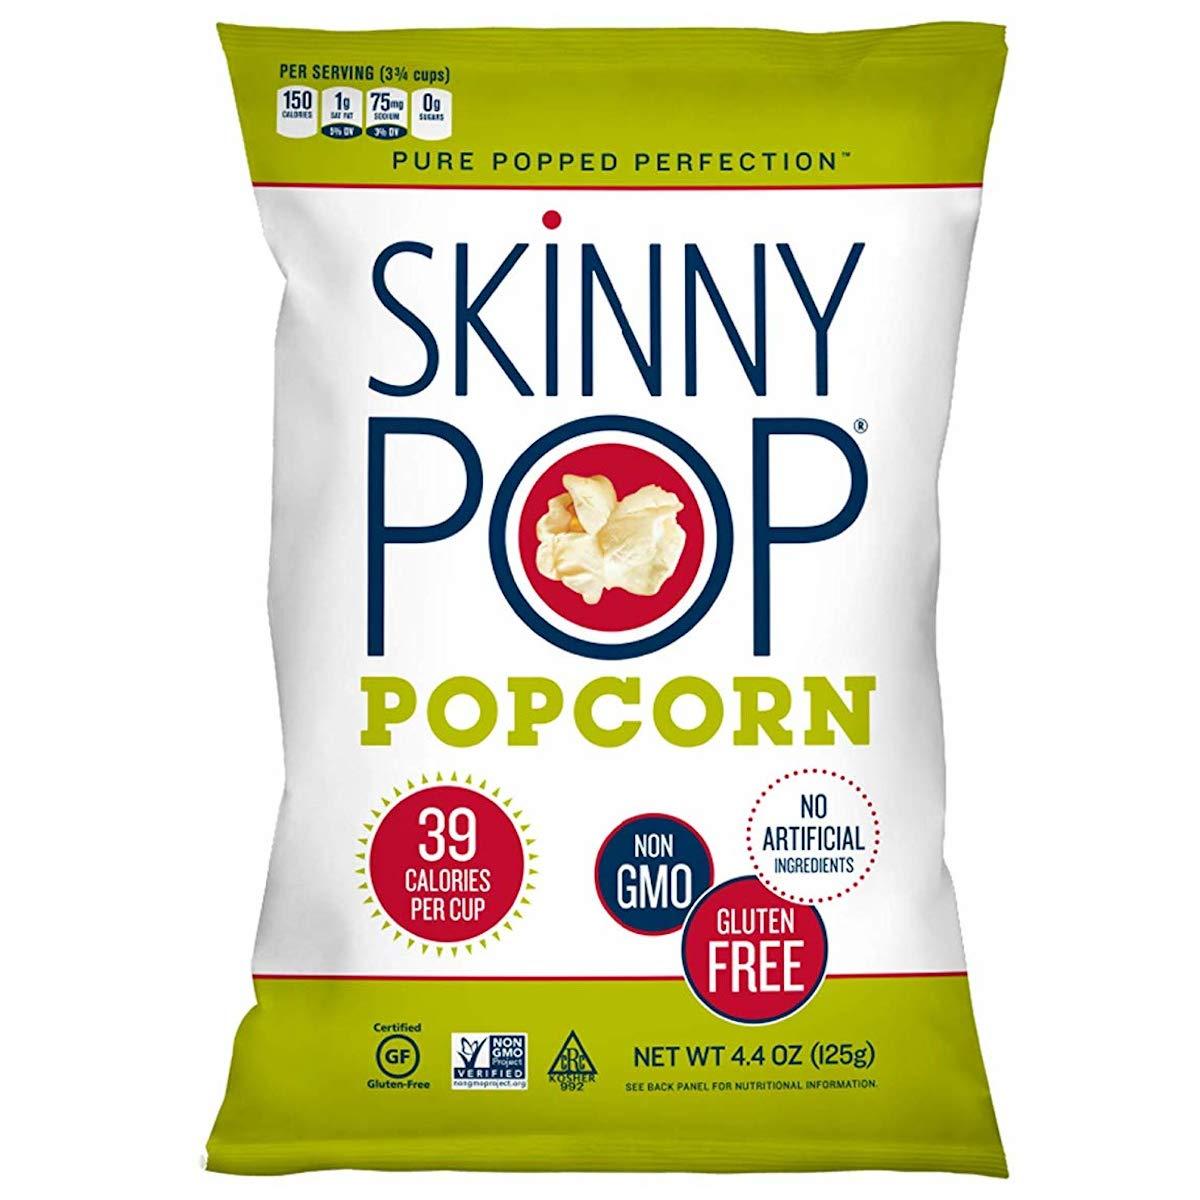 Skinny Pop Popcorn 4.4oz Bag $2.38